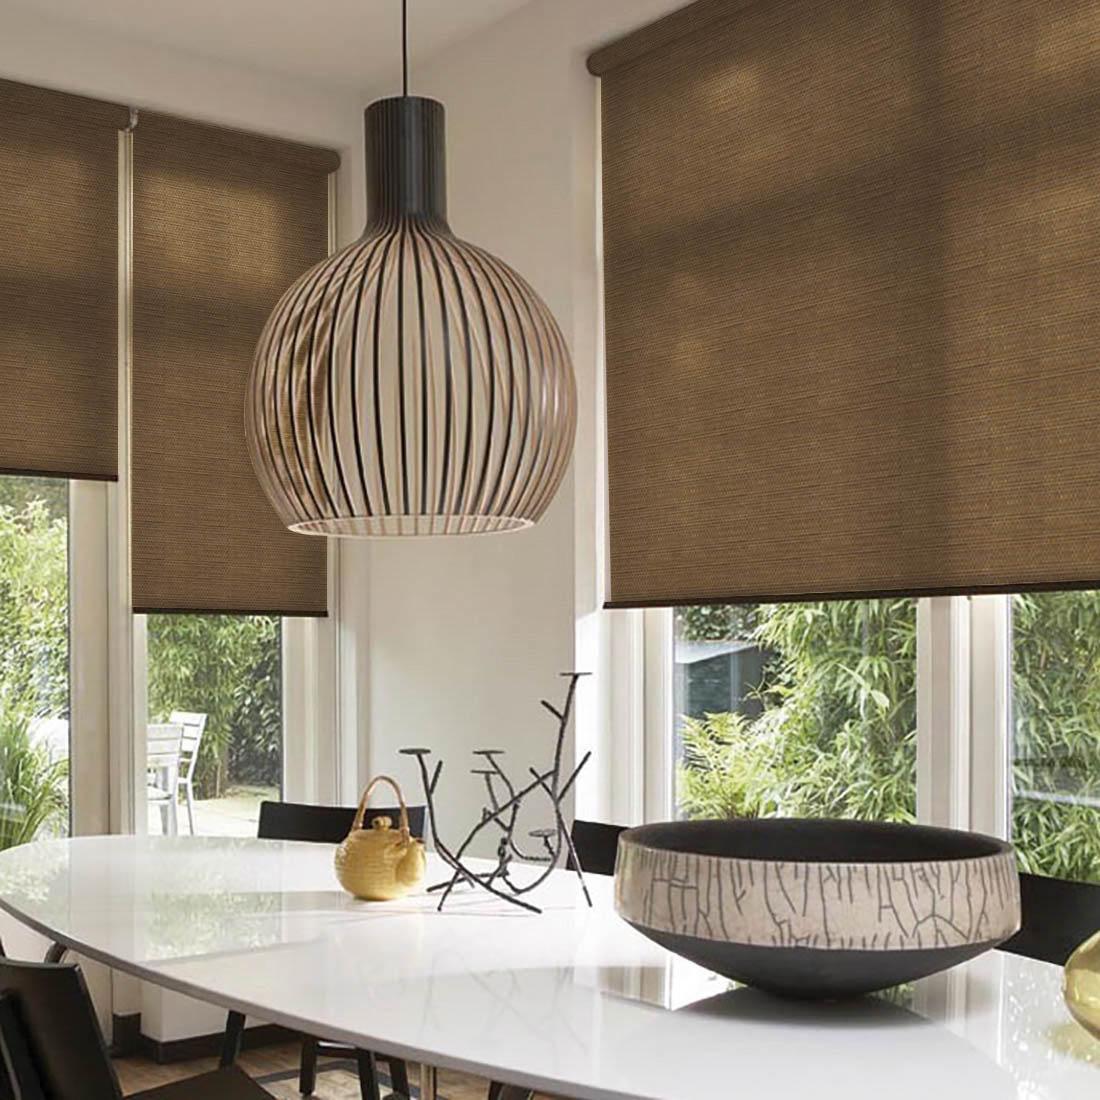 Шторы из бамбука – оригинальный современный аксессуар для создания необычного интерьера в восточном или минималистичном стиле. Особенность устройства полотна позволяет свободно пропускать дневной свет, что обеспечивает мягкое освещение комнаты. Это натуральный влагостойкий материал, который легко вписывается в любой интерьер, хорошо сочетается с различной мебелью и элементами отделки. Использование бамбукового полотна придает помещению необычный вид и визуально расширяет пространство. Кронштейны - специальные крючки-держатели, которые крепятся на поверхность, а на них крепится штора. Такой вид крепления обычно используется для рулонных, французских, римских или австрийских штор. Кронштейны держат конструкцию из вала (карниза), на котором находится полотно, и механизма подъема/опускания шторы.ВНИМАНИЕ! Комплектация штор может отличаться от представленной на фотографии. Фактическая комплектация указана в описании изделия.Производитель: Dome. Cтрана бренда: Дания.Рулонные шторы. Материал портьеры: Бамбук. Состав портьеры: бамбуковое волокно с нитью из полиэстера. Размер портьеры: 43 х 172 см. (1 шт.). Вид крепления: Кронштейны. Тип карниза: Без использования карниза. Рекомендуемая ширина карниза (см.): 45 -90. Светозащита 55-85%.В комплект входят: - Крепления на отрытую створку окна.- Кронштейны для вала со шторкой. - Вал с тканью (шторка). - Цепочка для регулирования шторы.- Утяжелитель для шторки. Крепление на глухую створку, направляющие, фиксатор для цепочного механизма - приобретаются отдельно. Максимальный размер карниза, указанный в описании, предполагает, что Вы будете использовать 2 полотна на одно окно. Обратите внимание на информацию о том, сколько полотен входит в данный комплект изначально. Зачастую шторы продаются по одному полотну, чтобы дать возможность подобрать изделия в желаемом цвете и стиле, создавая свое неповторимое сочетание.Комплектация: 1 портьера, крепления на отрытую створку окна, кронштейны для вала со шторкой, цепочка для регулирования што